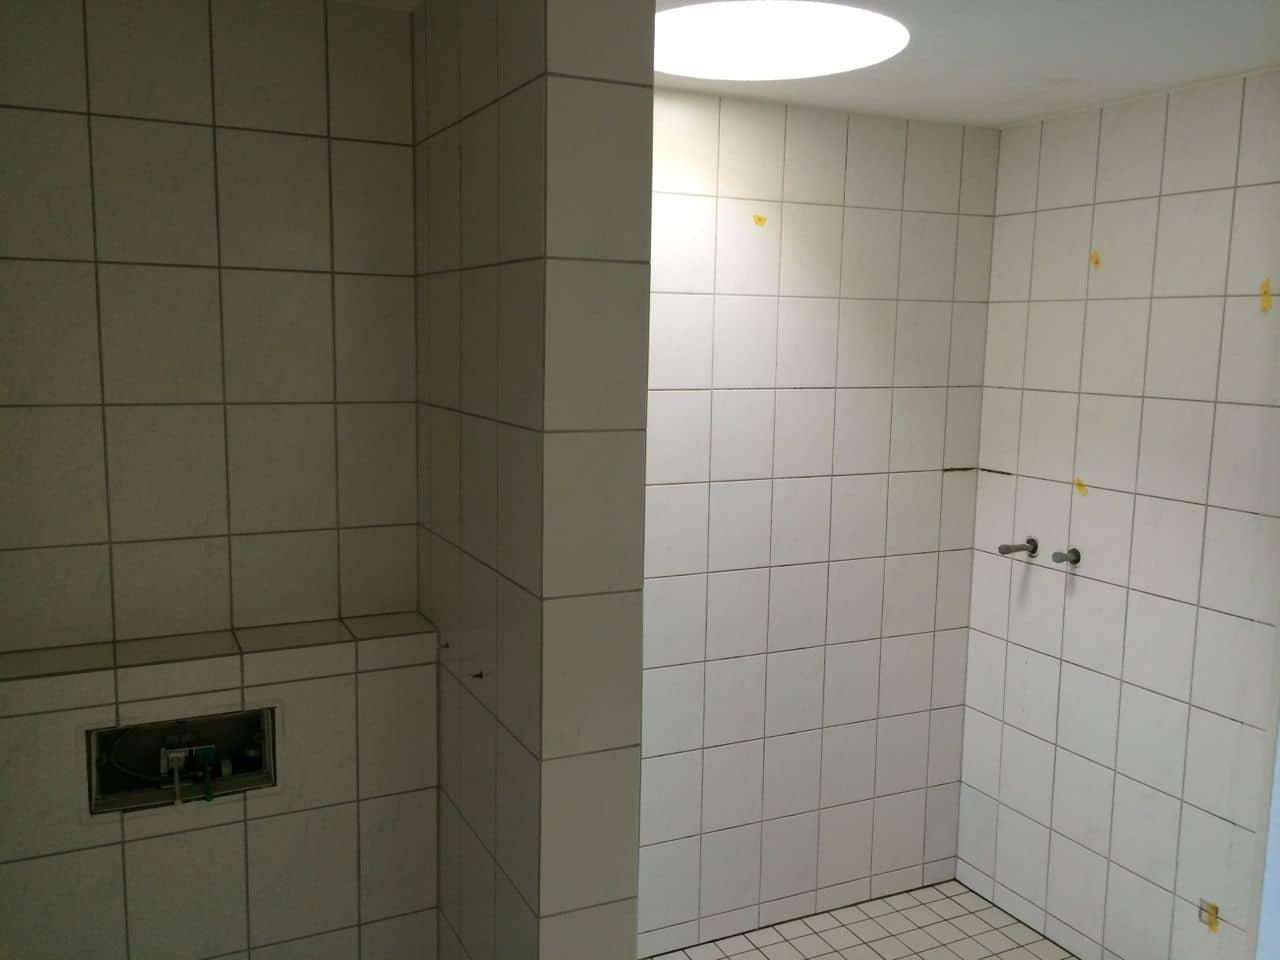 Mit Beton Ciré farbig (Gewachster Beton) Bad renovieren